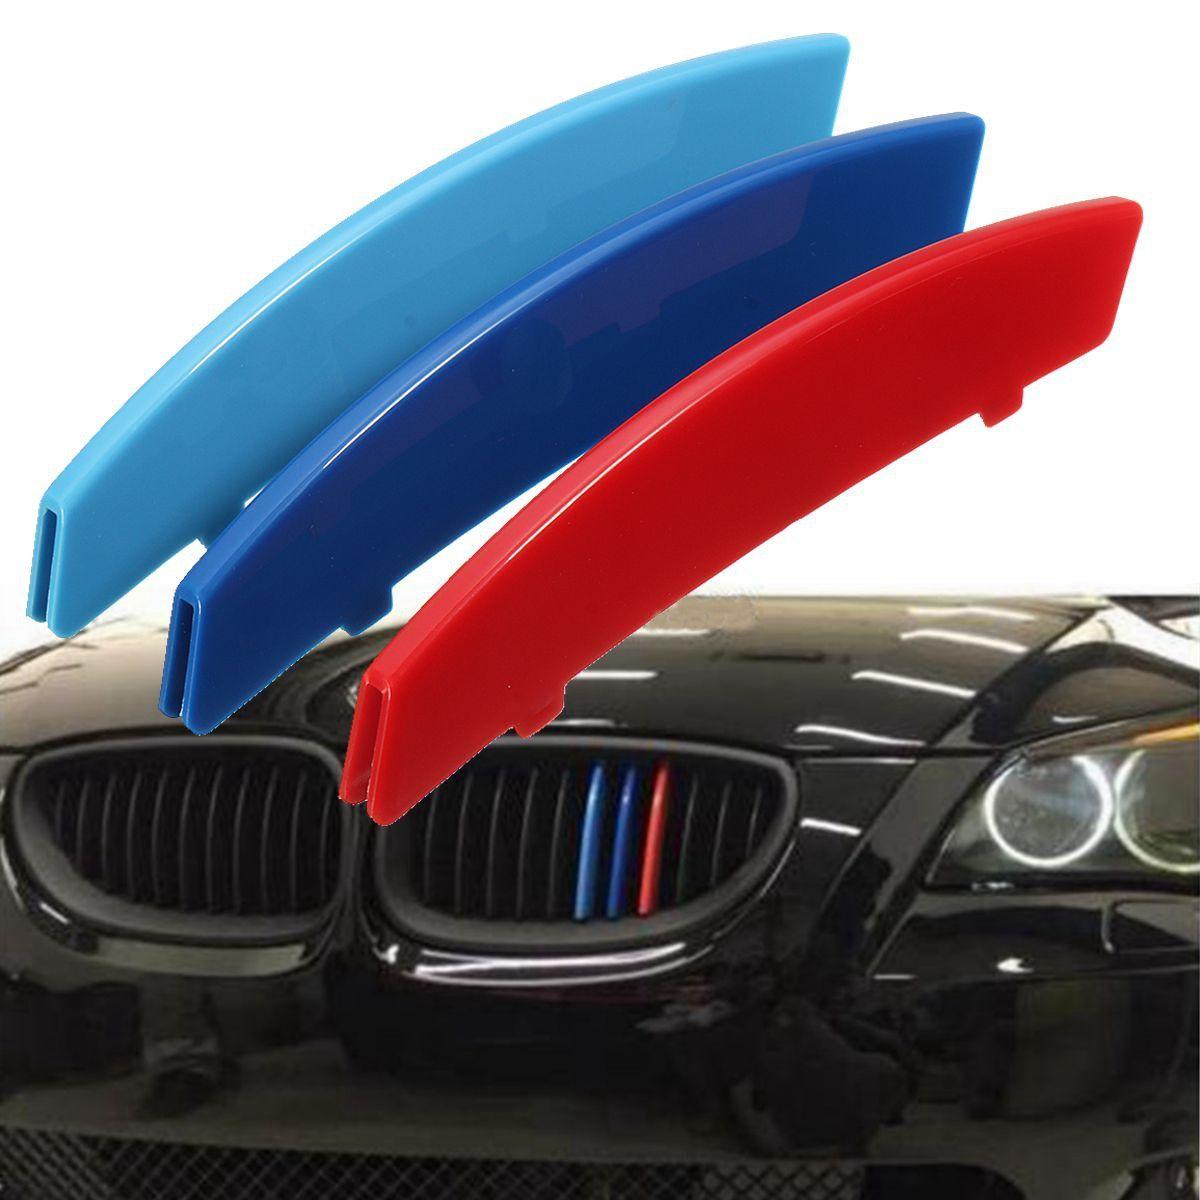 3 teile/satz 3D M Auto Styling Auto Kühlergrill Sport Streifen Abdeckung Für BMW 5 E60 2004-2010